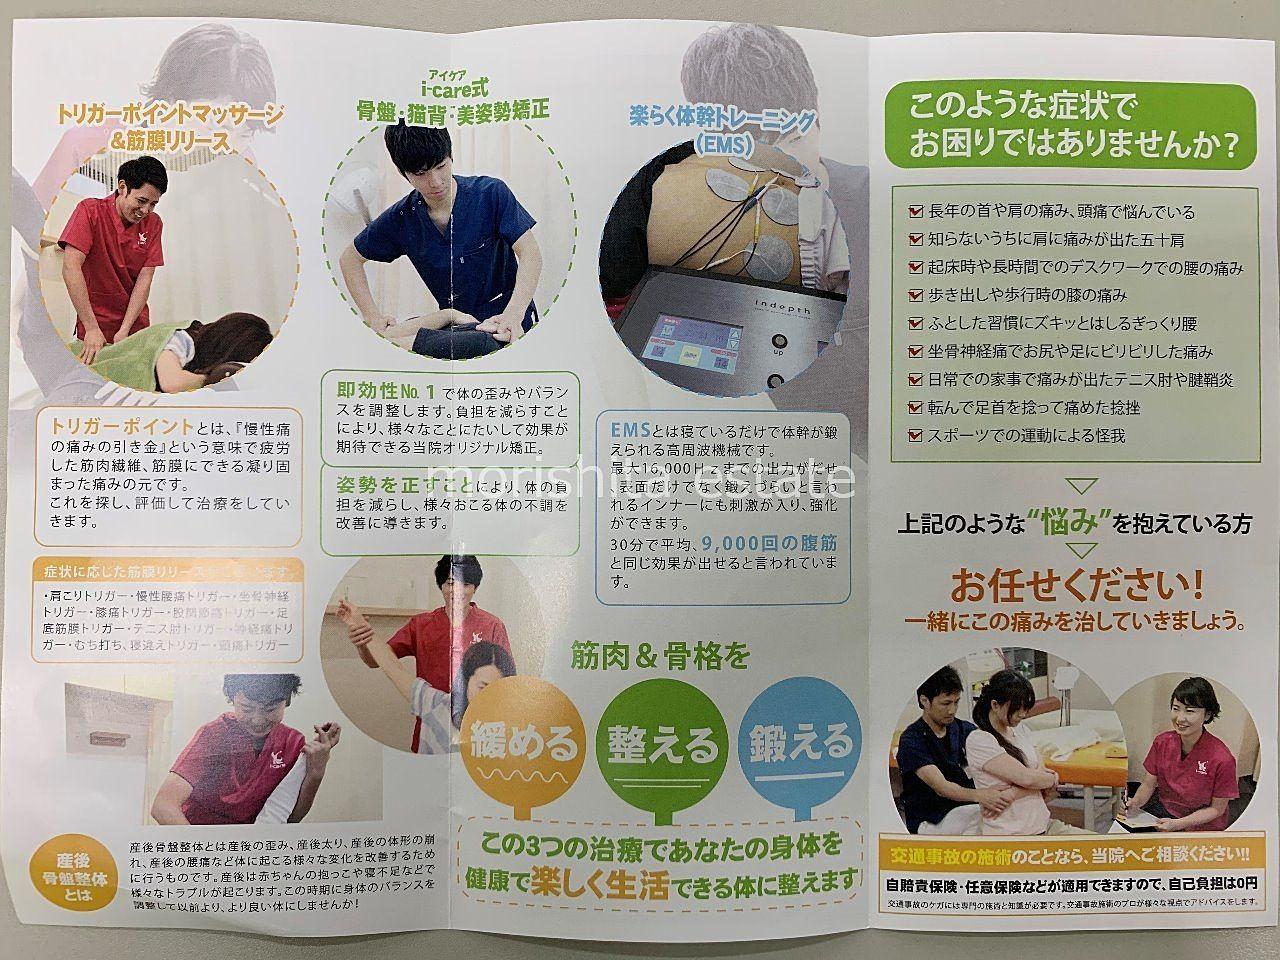 菊川 整骨院 腰痛 肩こり 新規開店 パンフレット写真